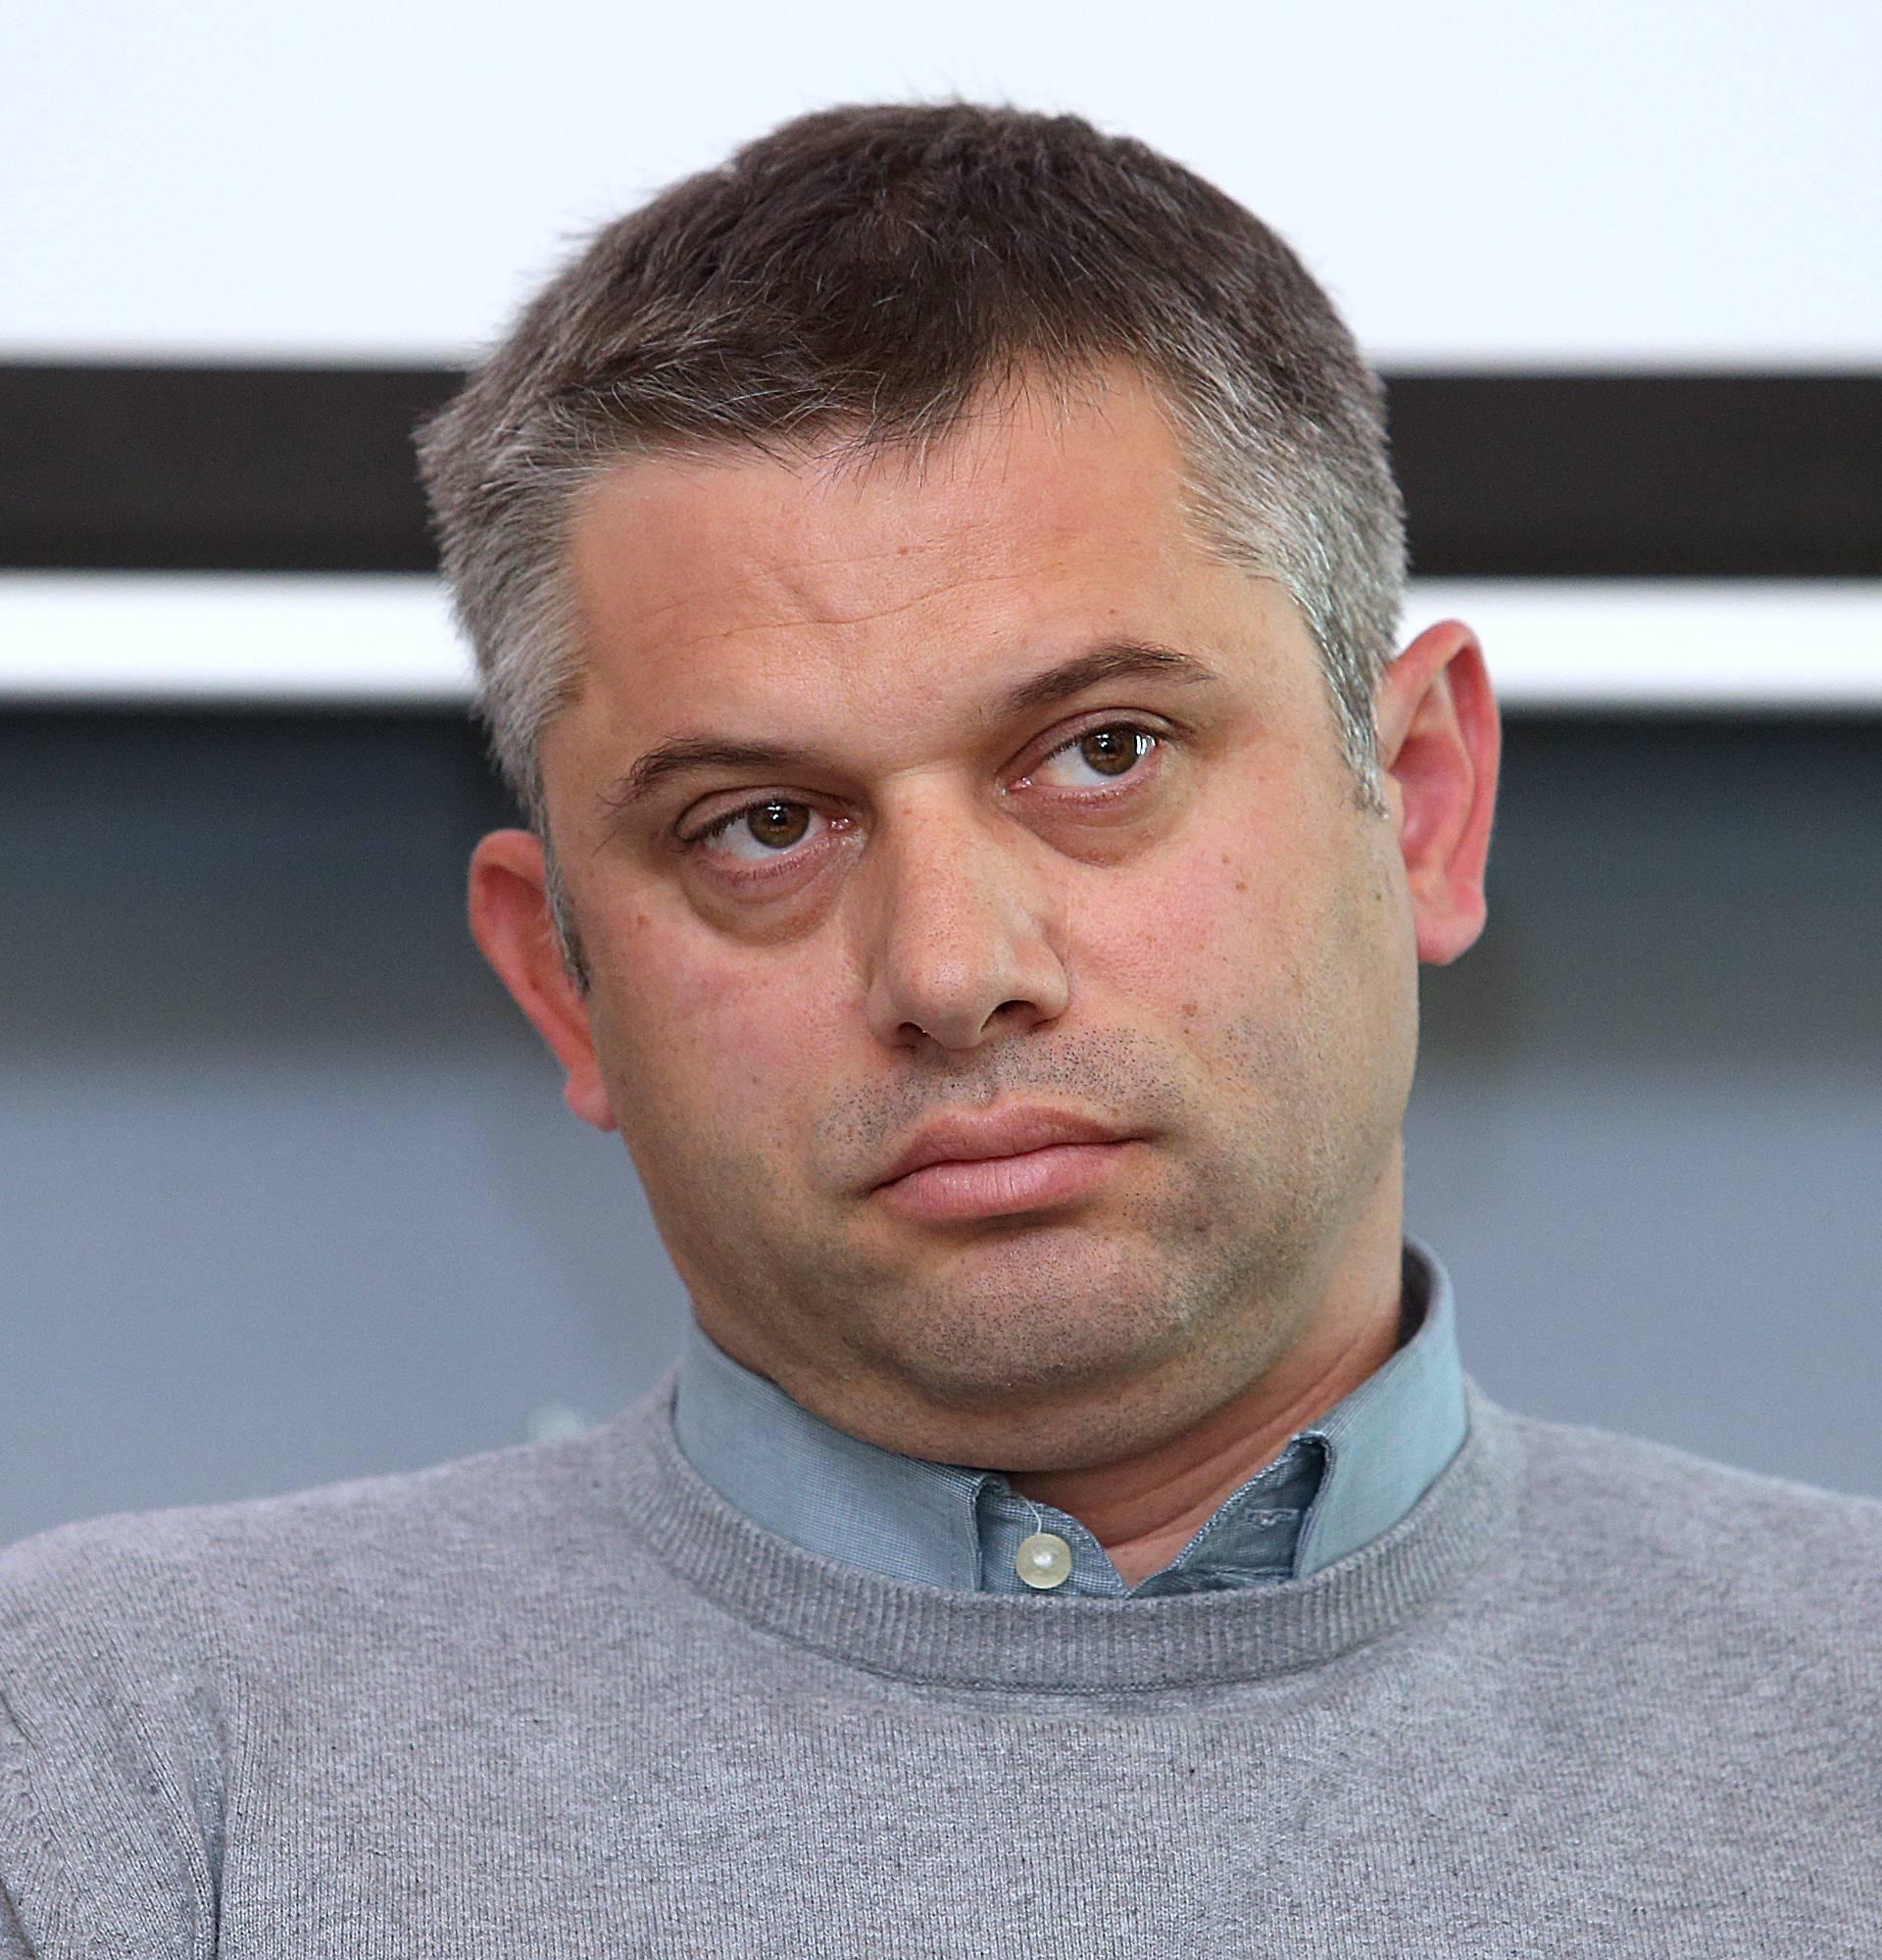 'Sada je jasno da je Baldasar radio protiv interesa SDP-a'